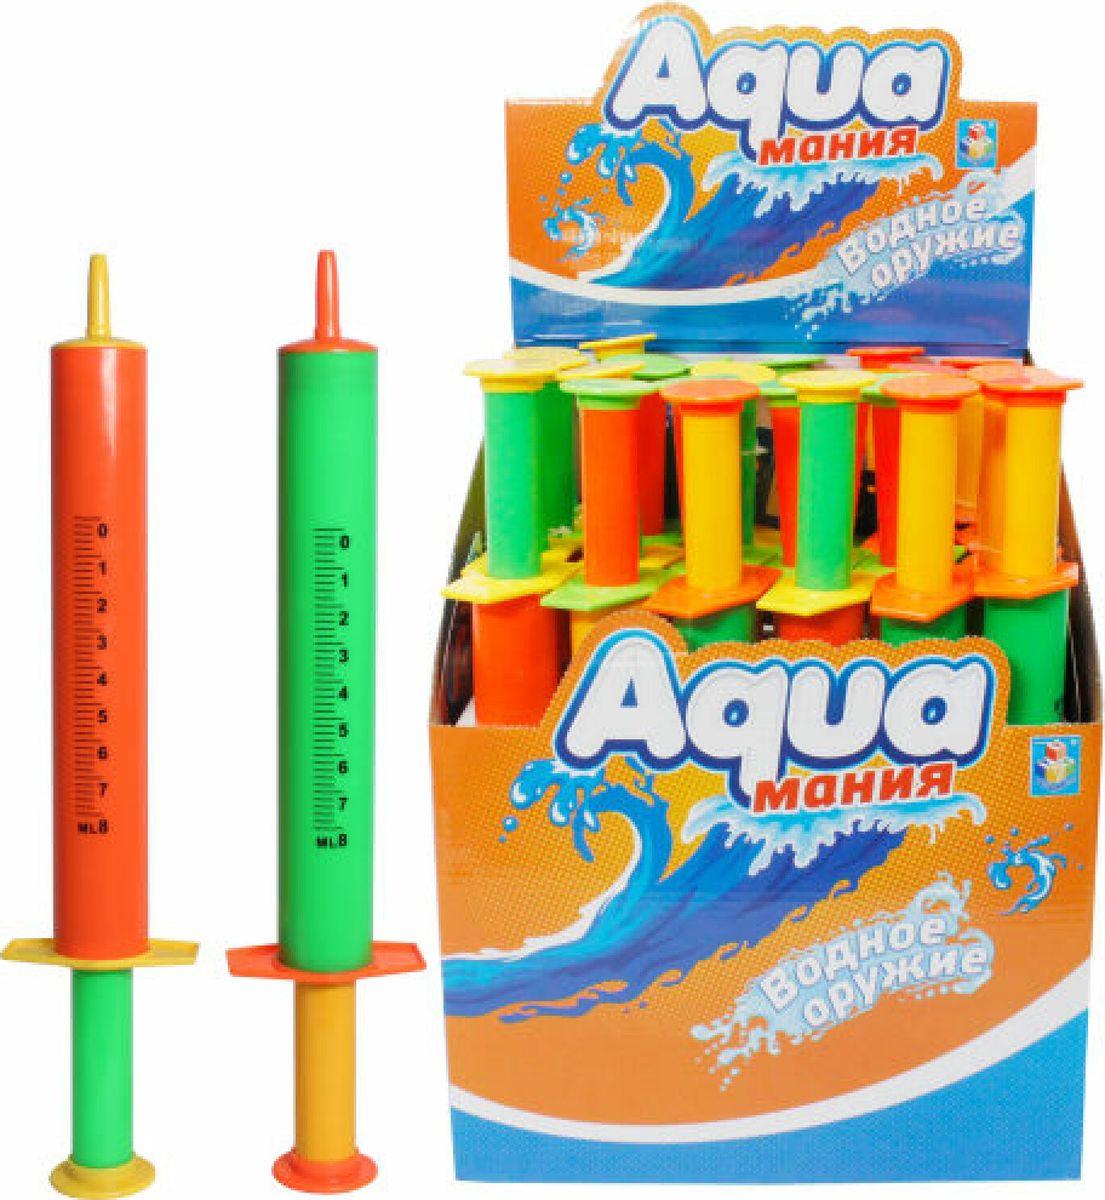 лучшая цена Игрушечное оружие 1TOY Аквамания Водяной шприц, помповый, Т59450, 33 х 7 х 4 см